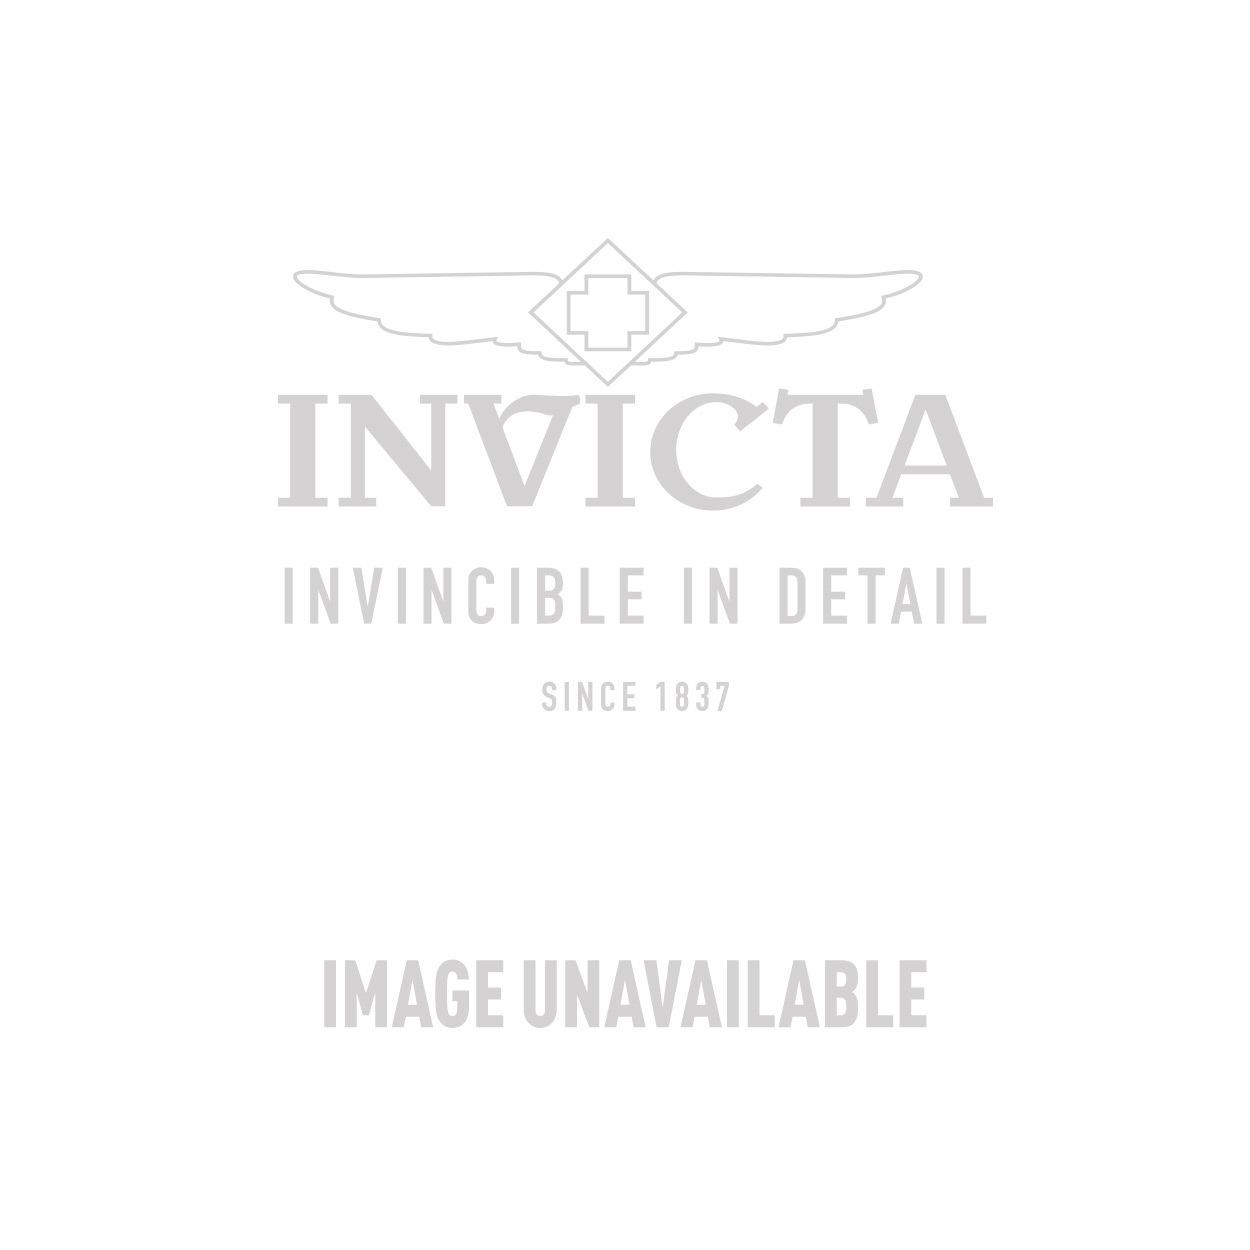 Invicta Corduba Quartz Watch - Rose Gold, Black case with Black tone Nylon band - Model 12623